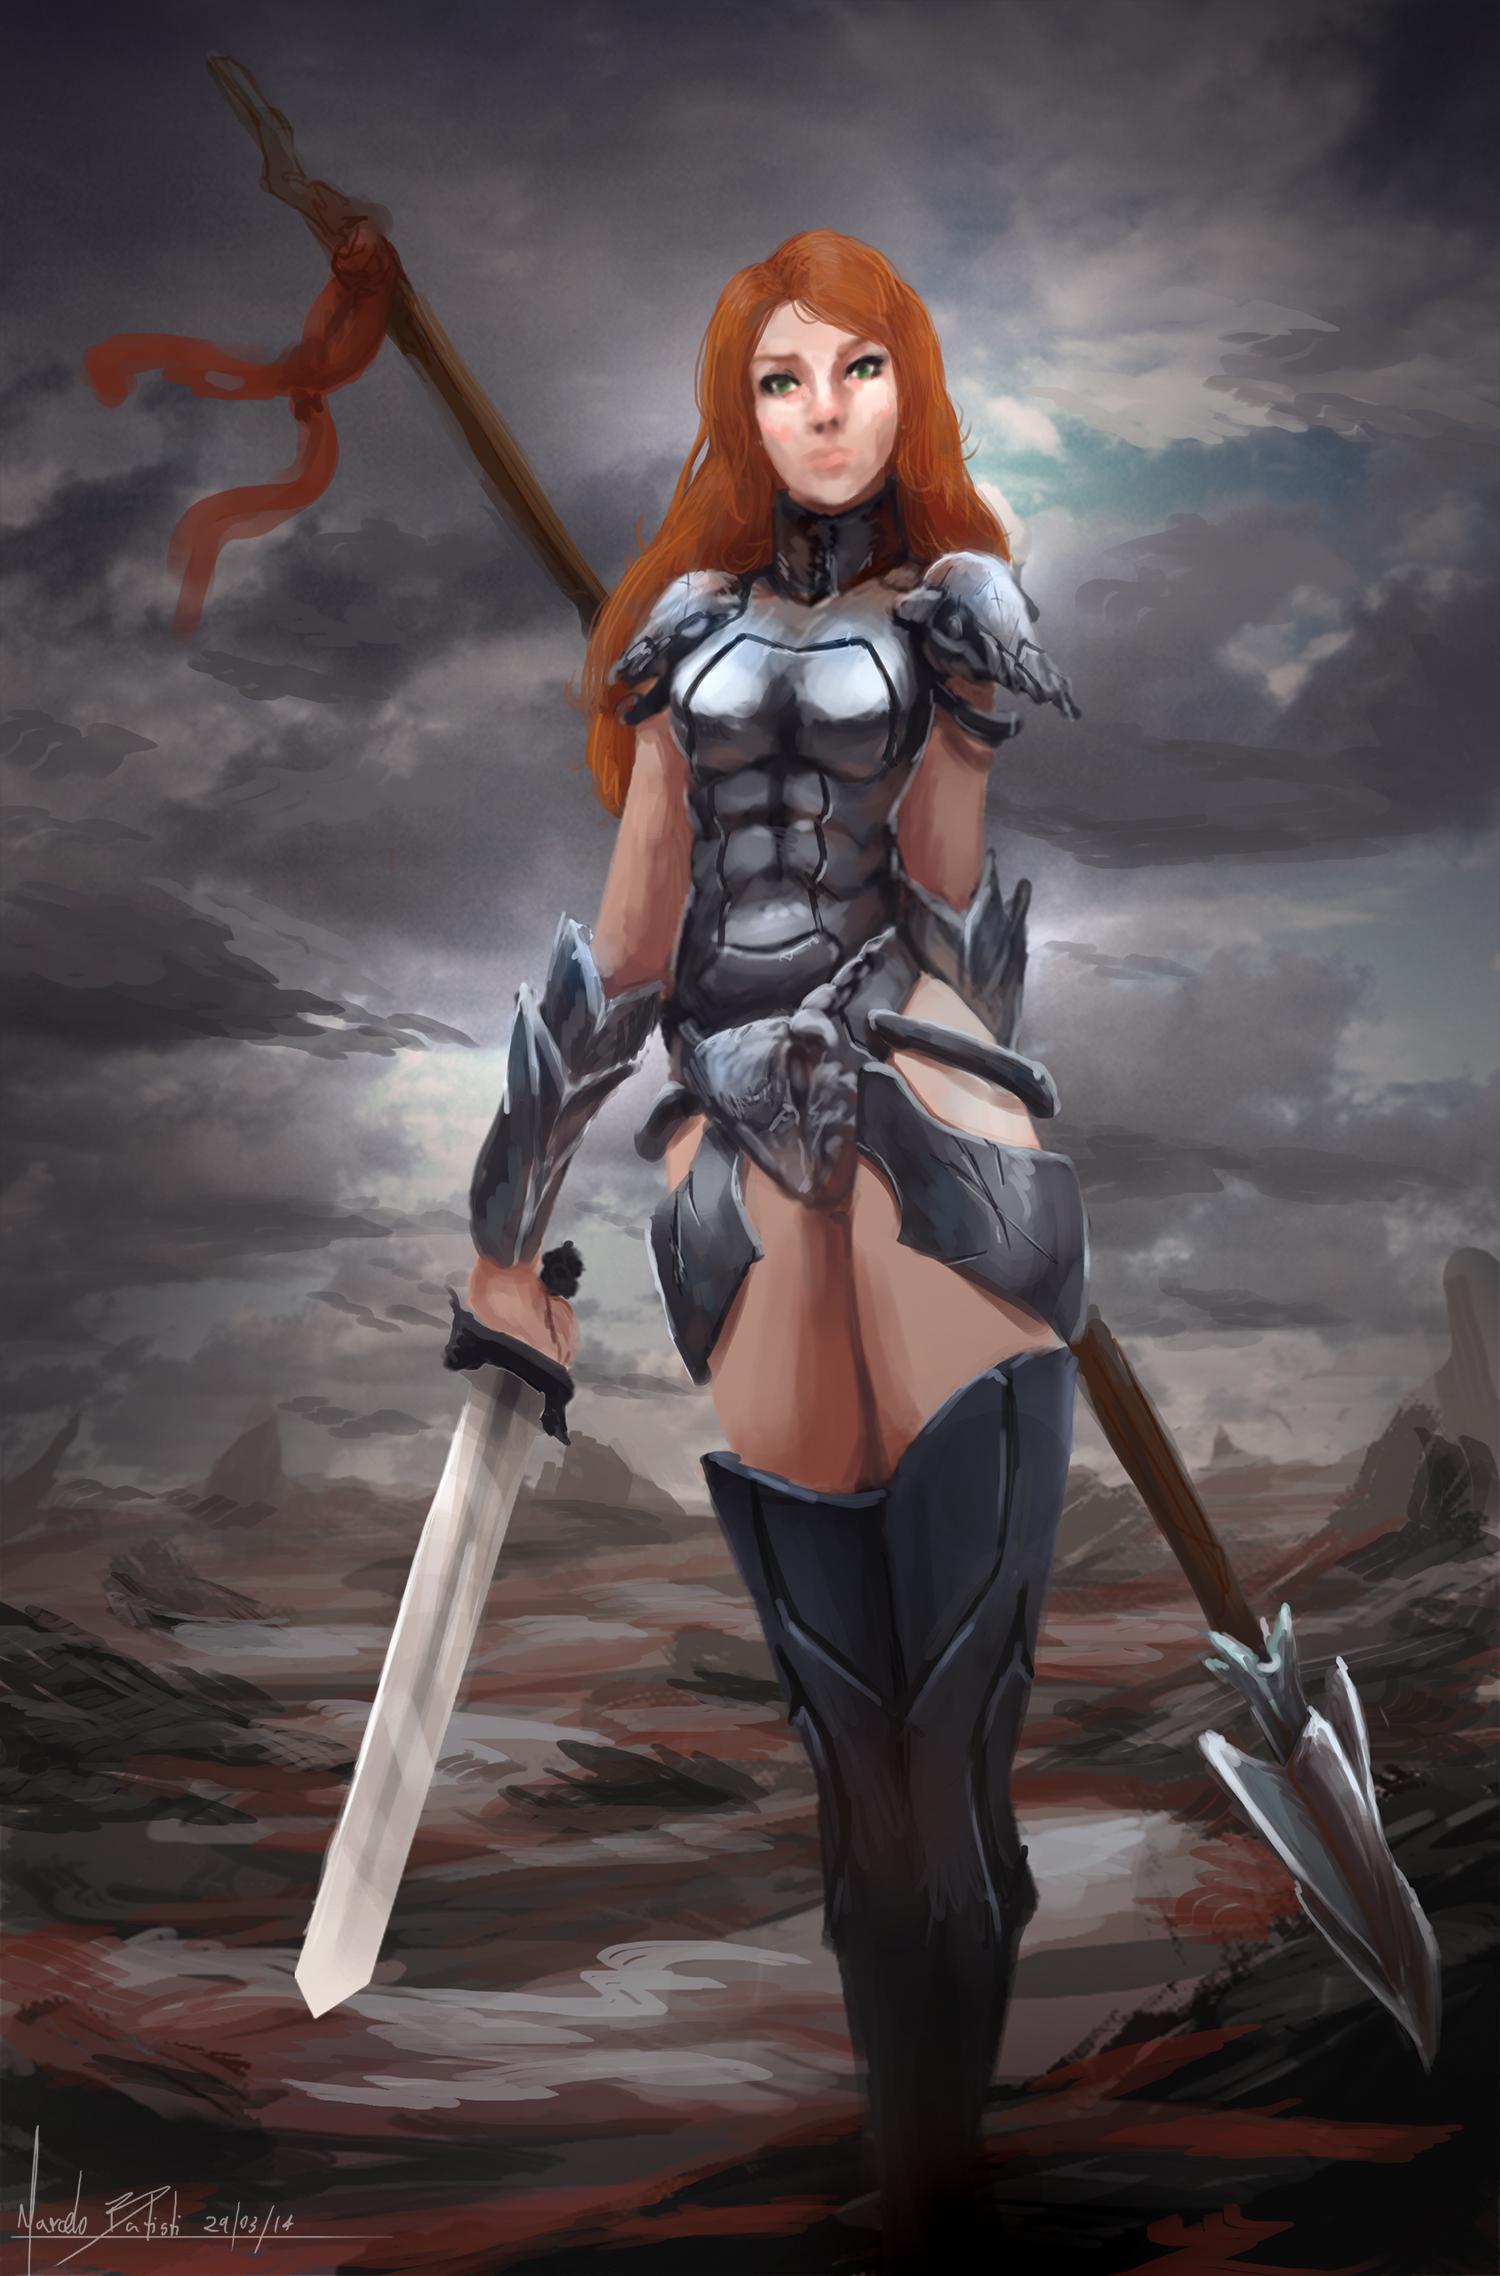 Vampire-warrior-girl naked pics